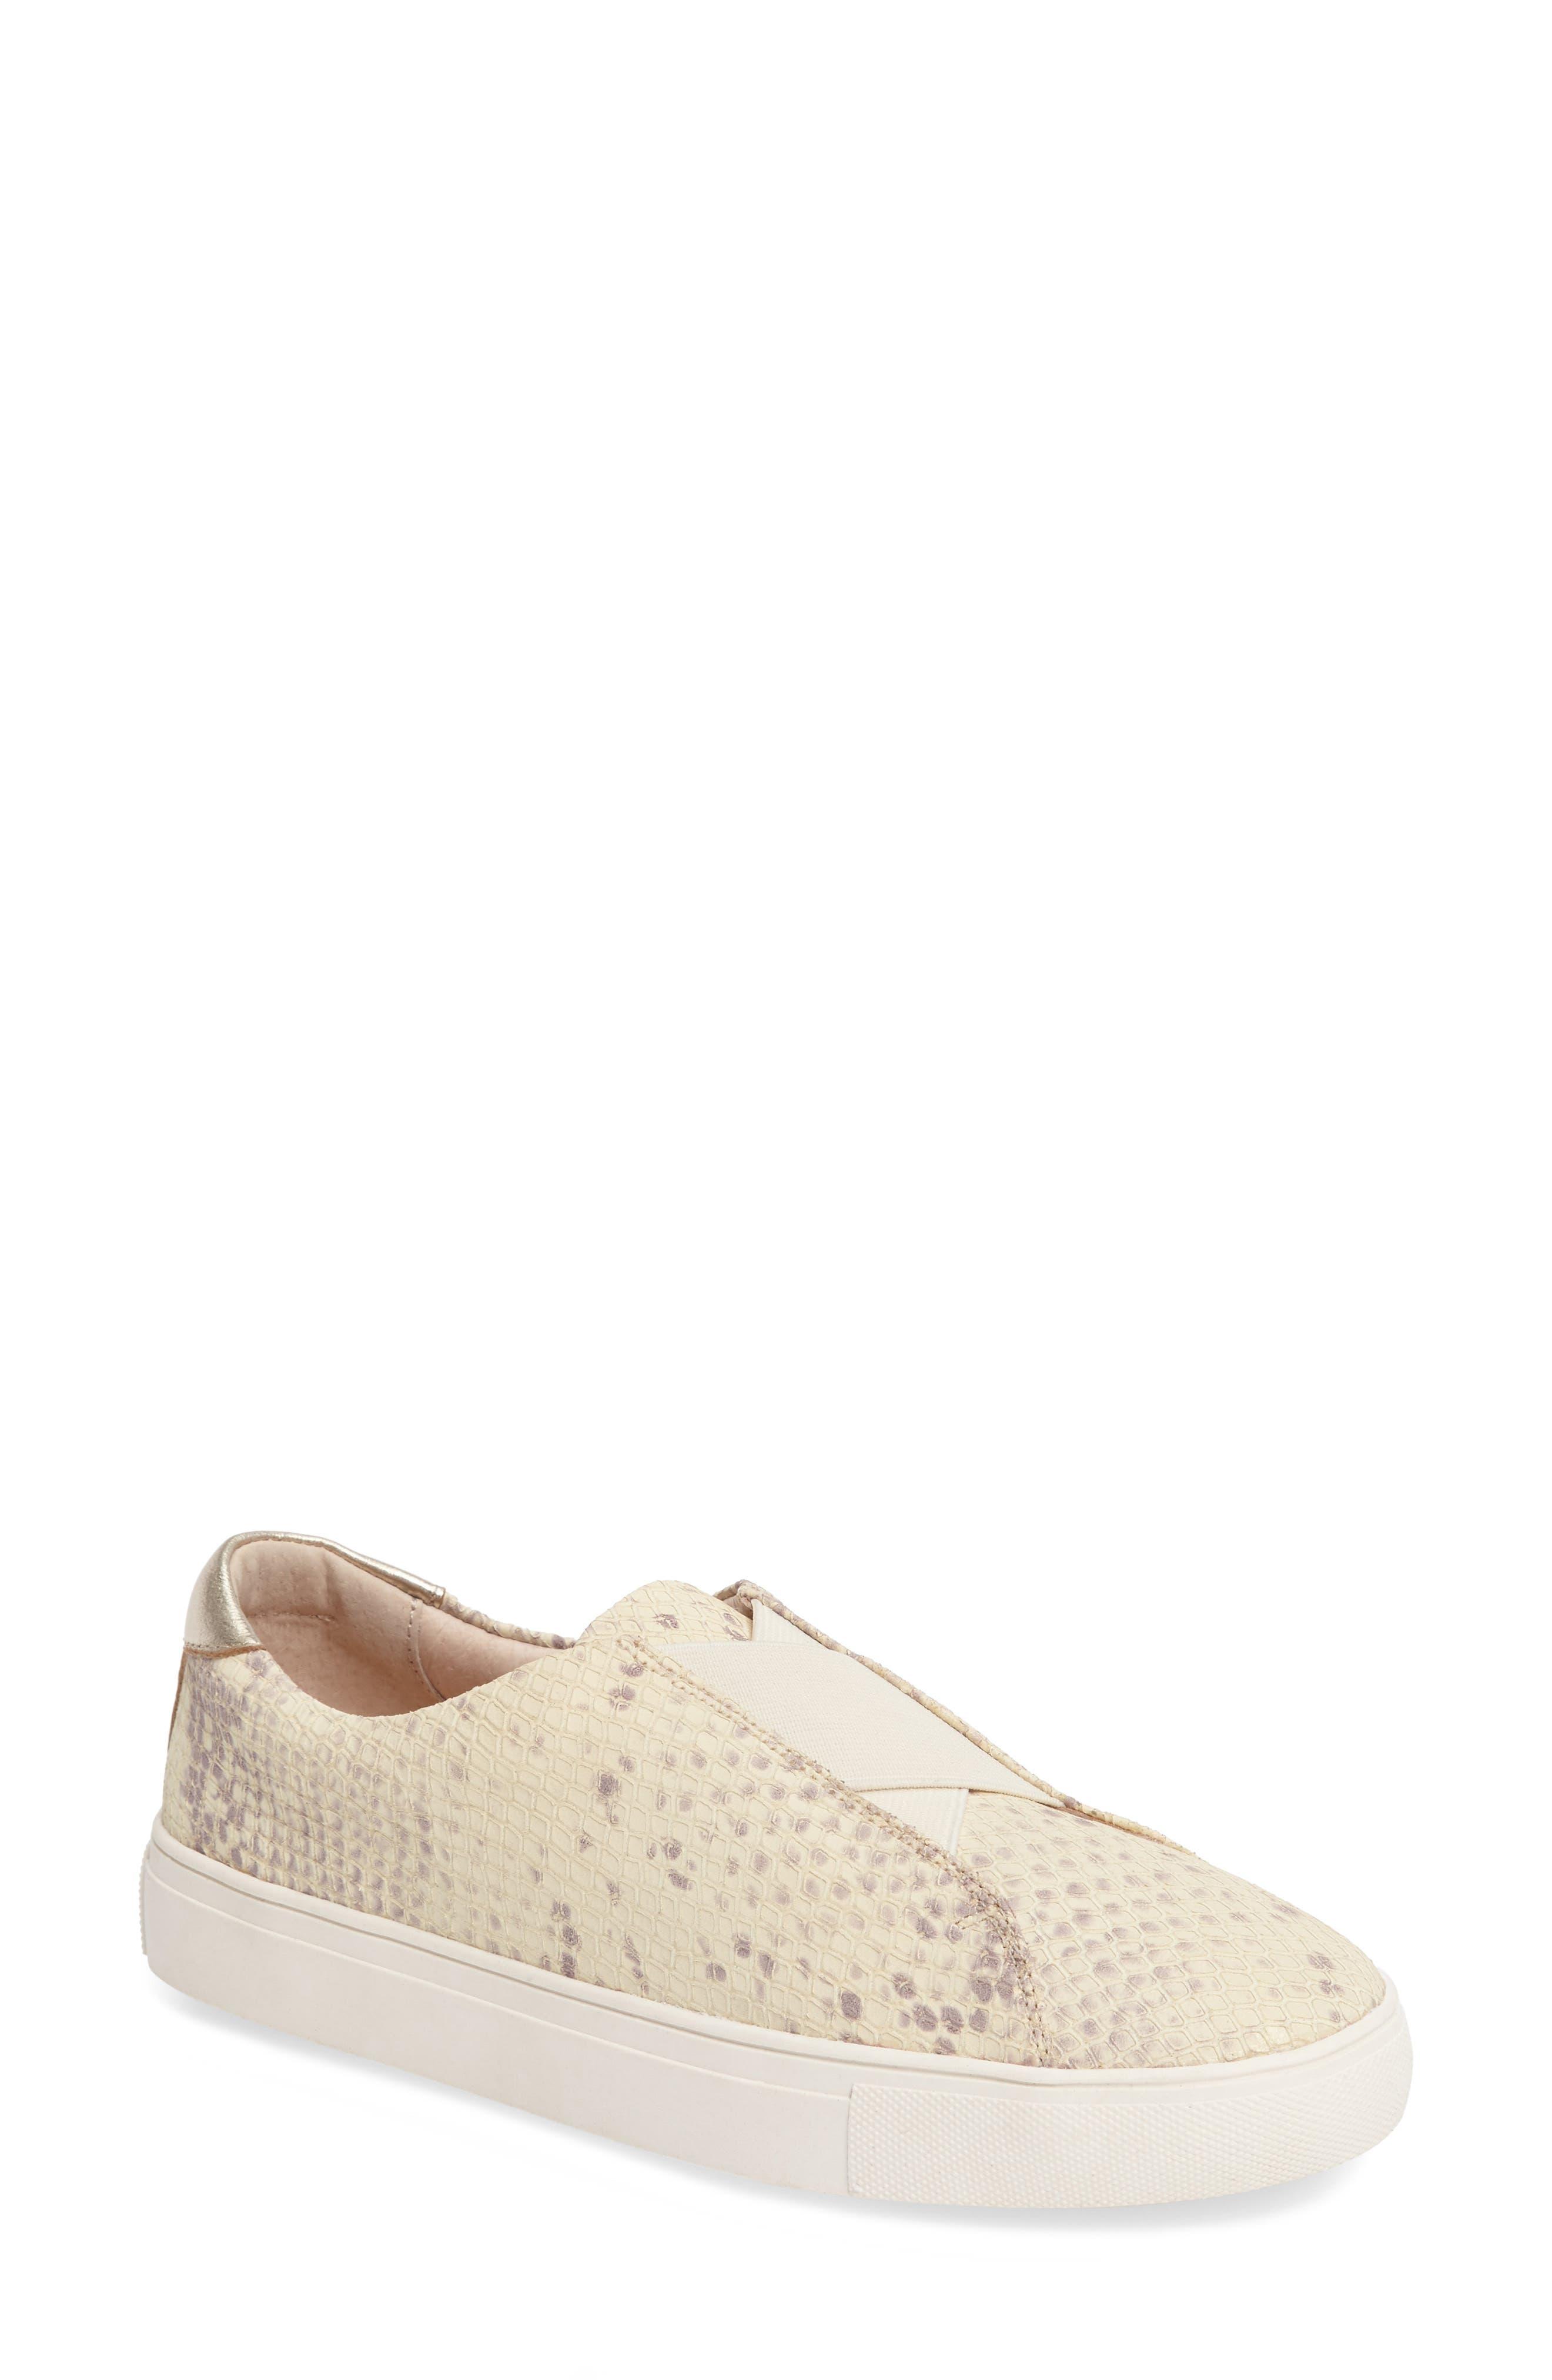 Alternate Image 1 Selected - Sudina Giana Slip-On Sneaker (Women)